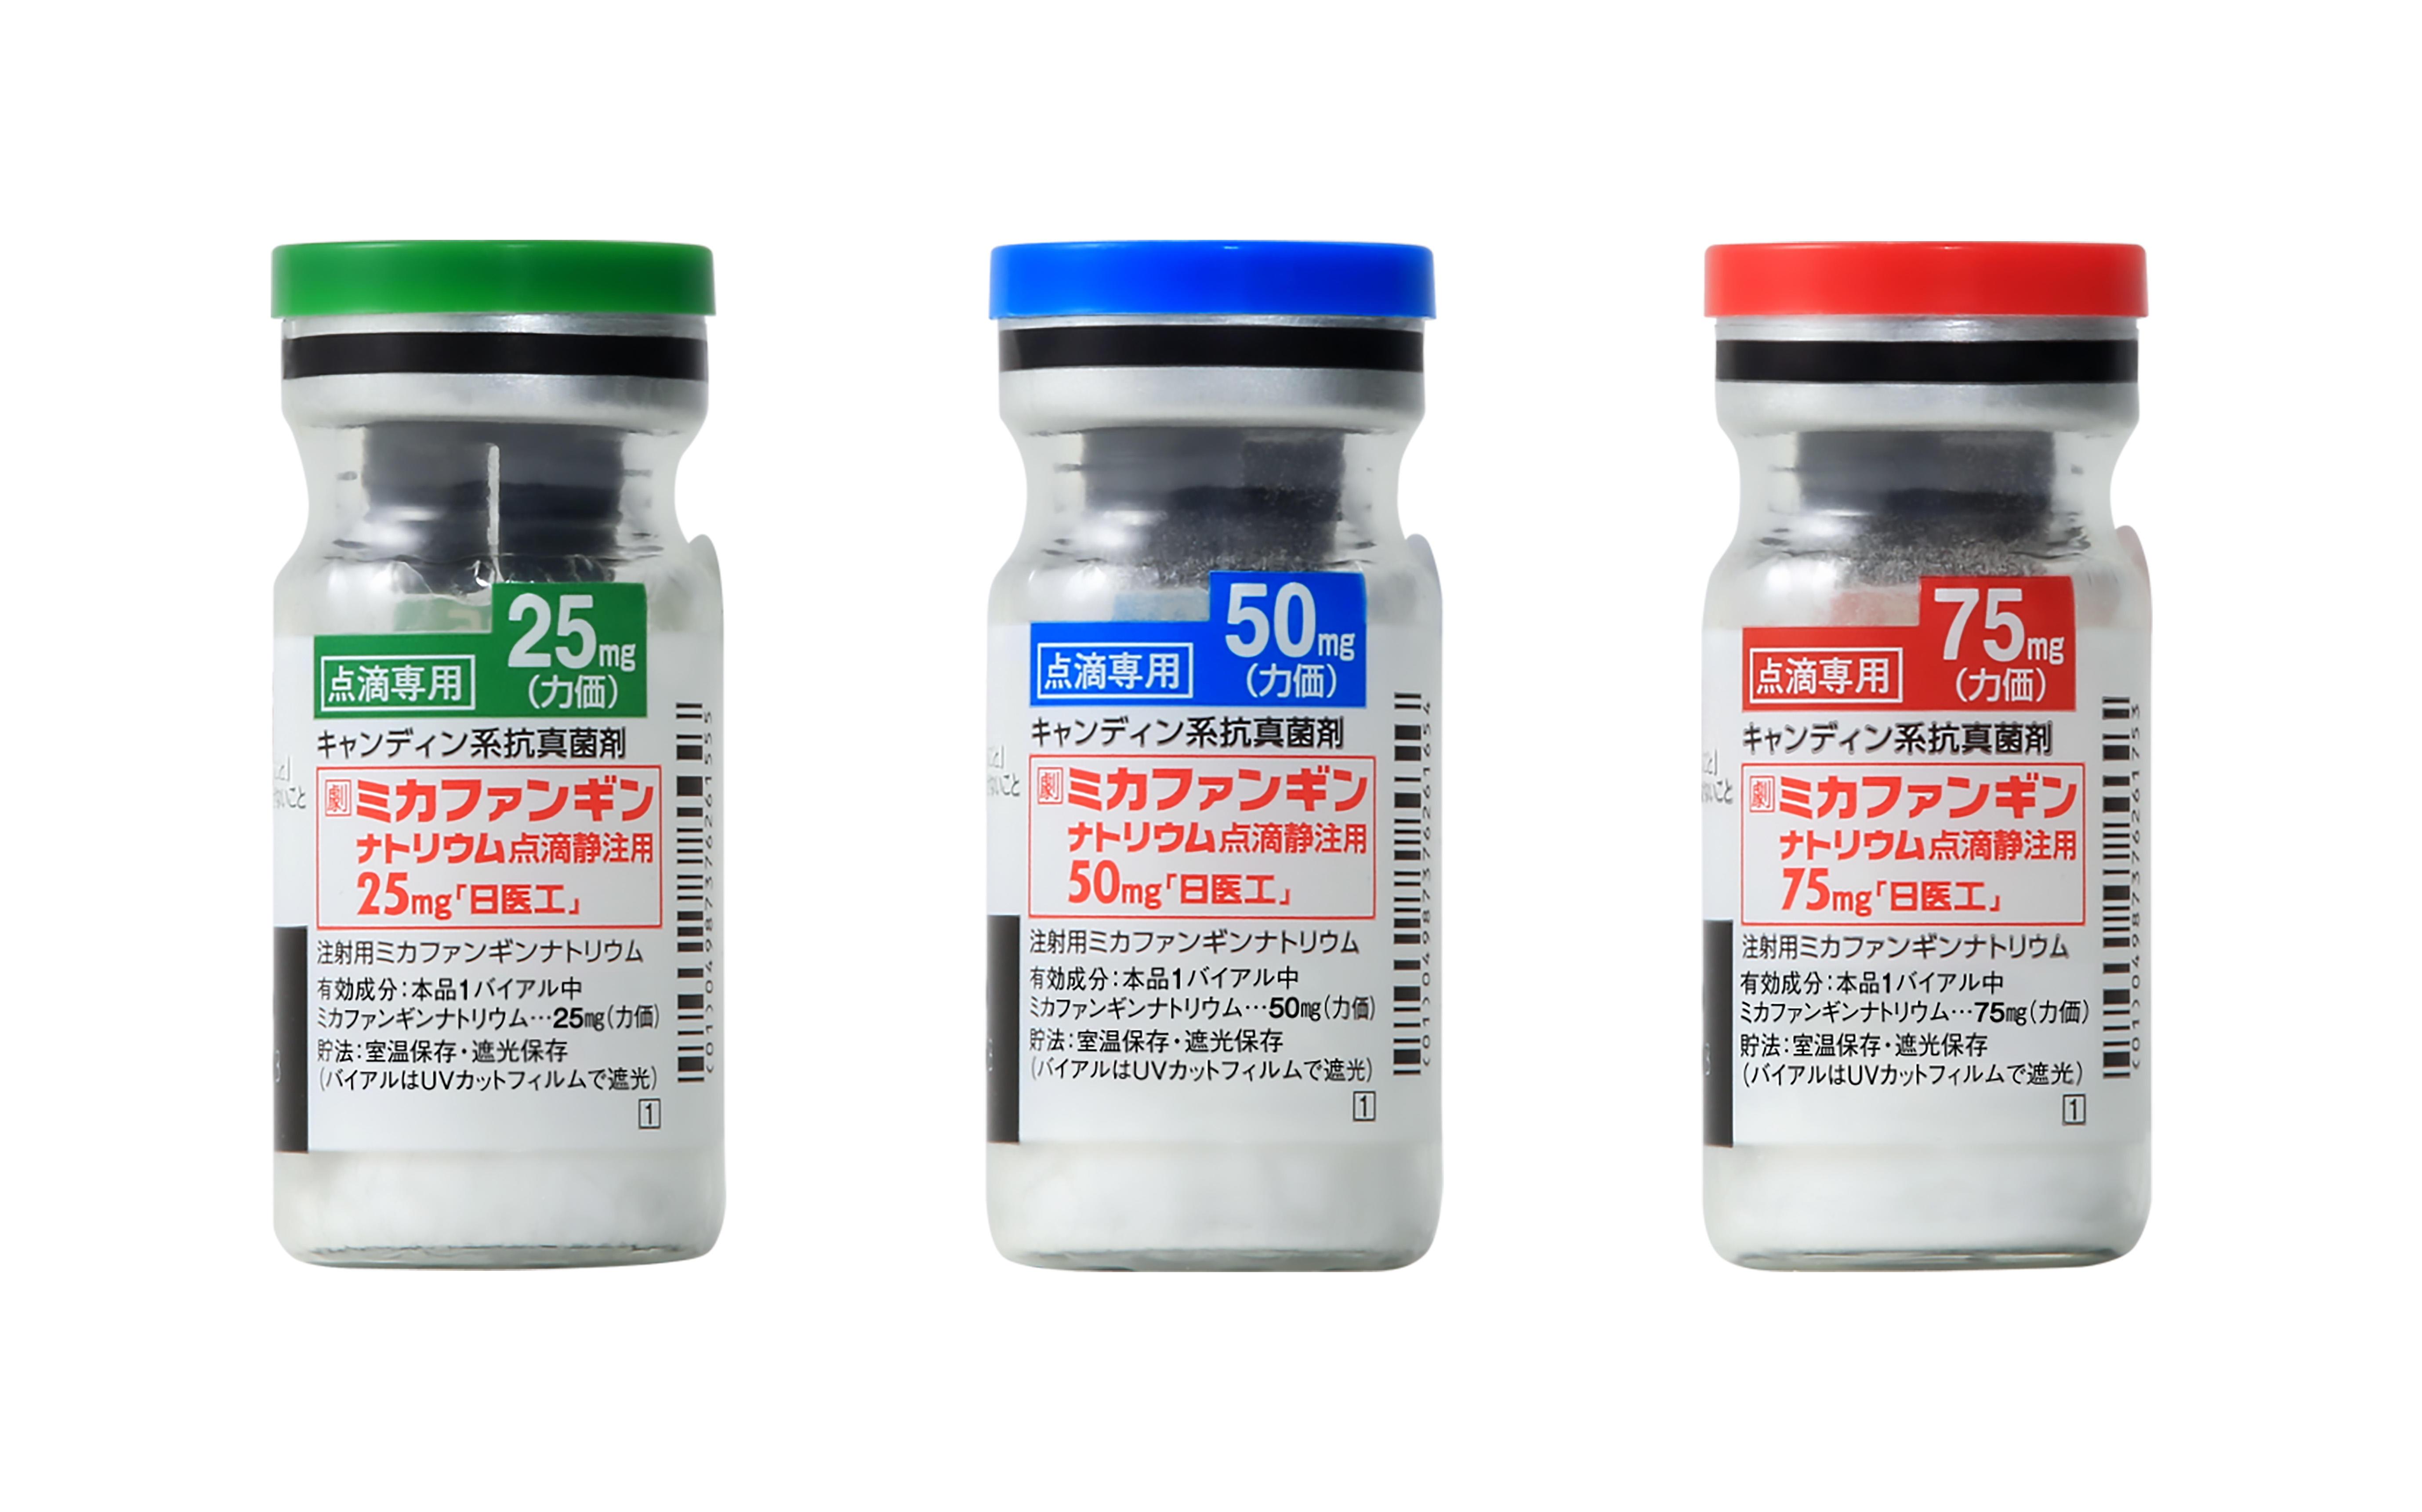 ミカファンギンナトリウム点滴静注用25mg/50mg/75mg「日医工」